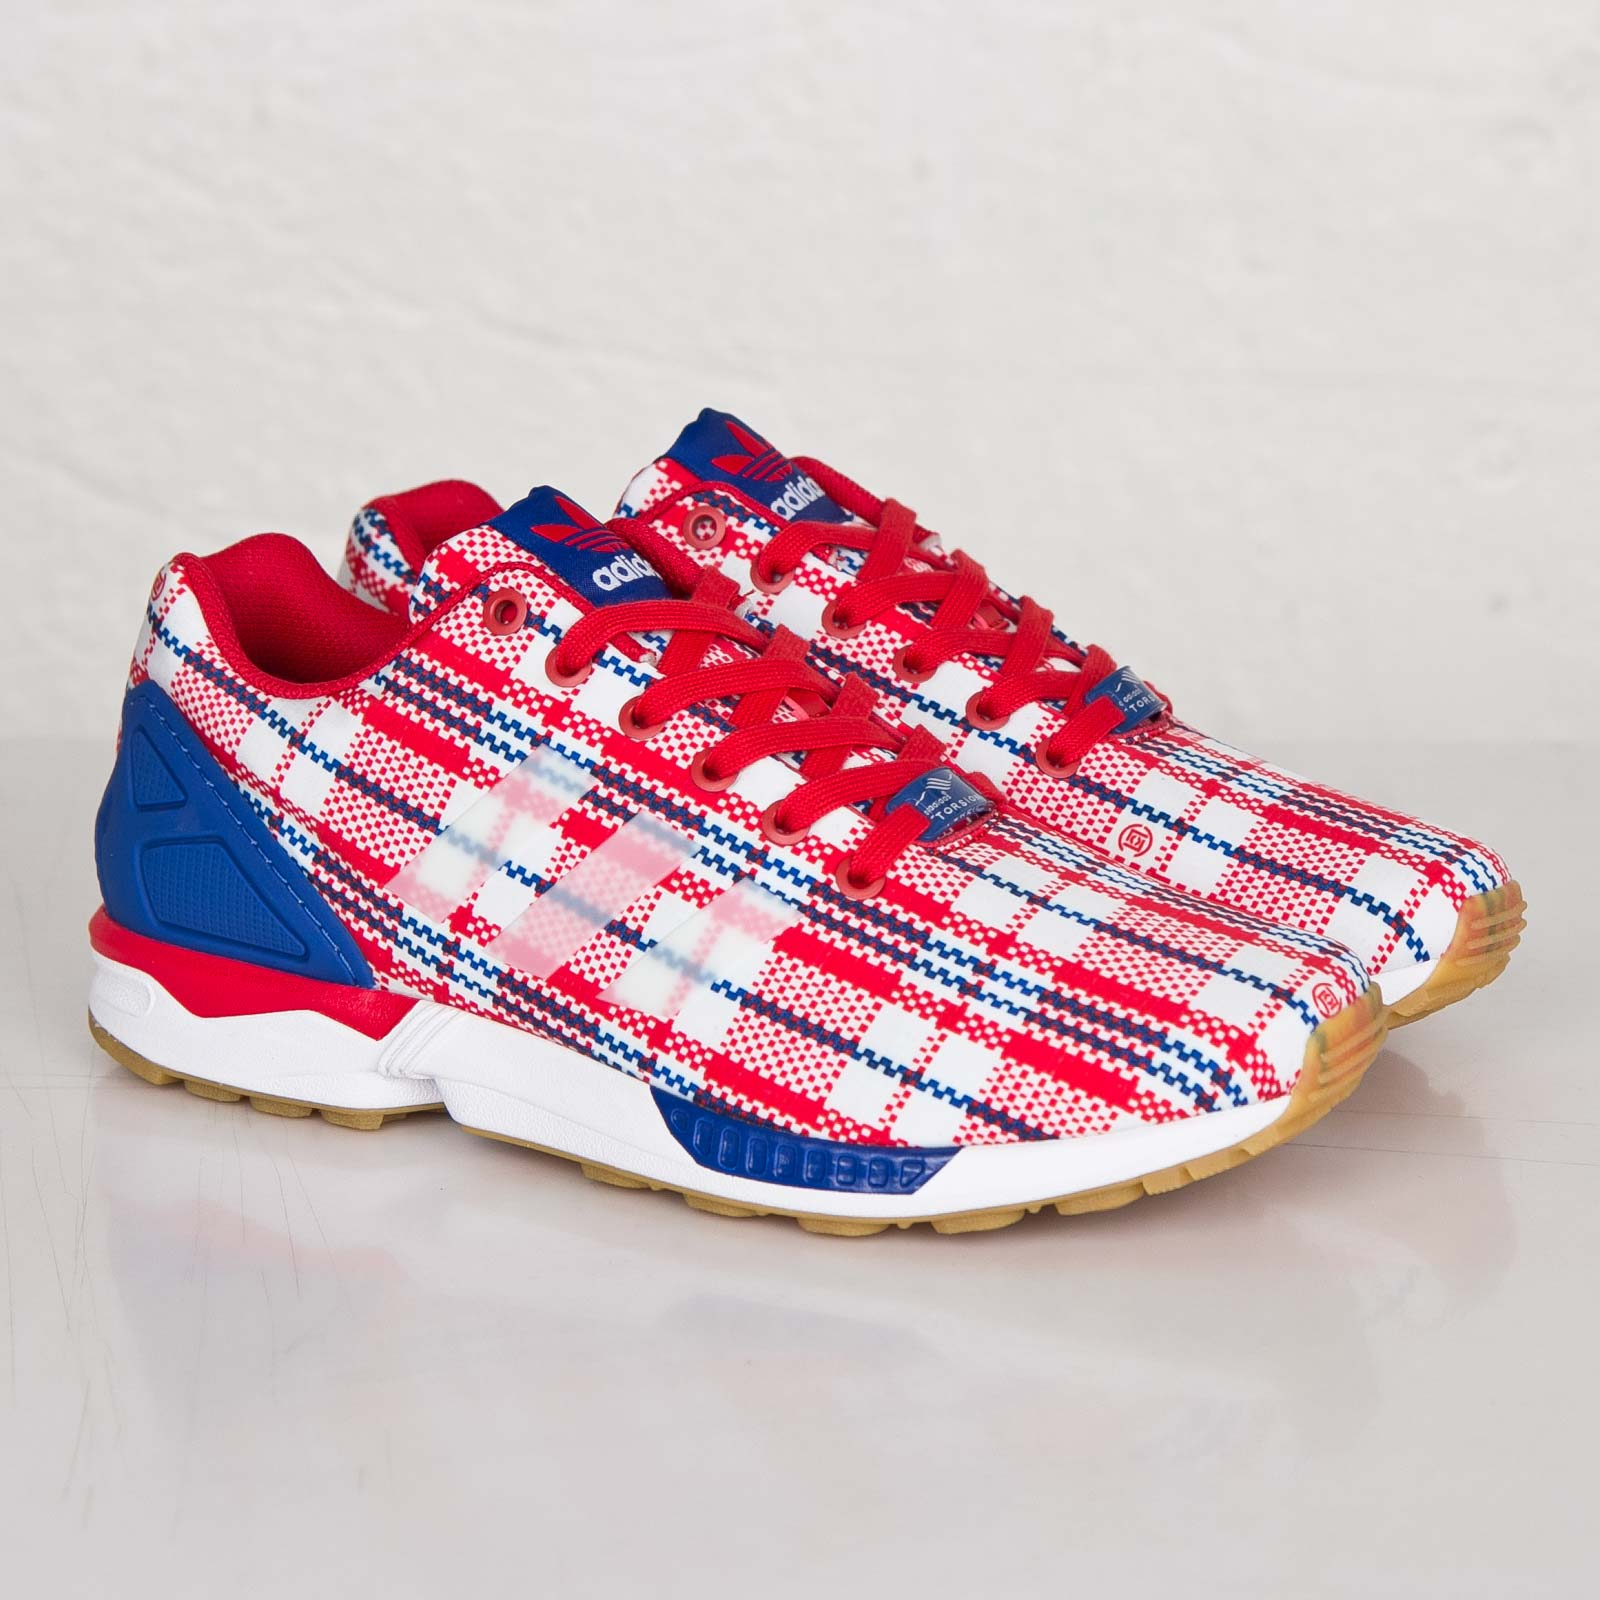 plus de photos f6a04 ad3ca adidas ZX Flux - Clot - S78096 - Sneakersnstuff | sneakers ...